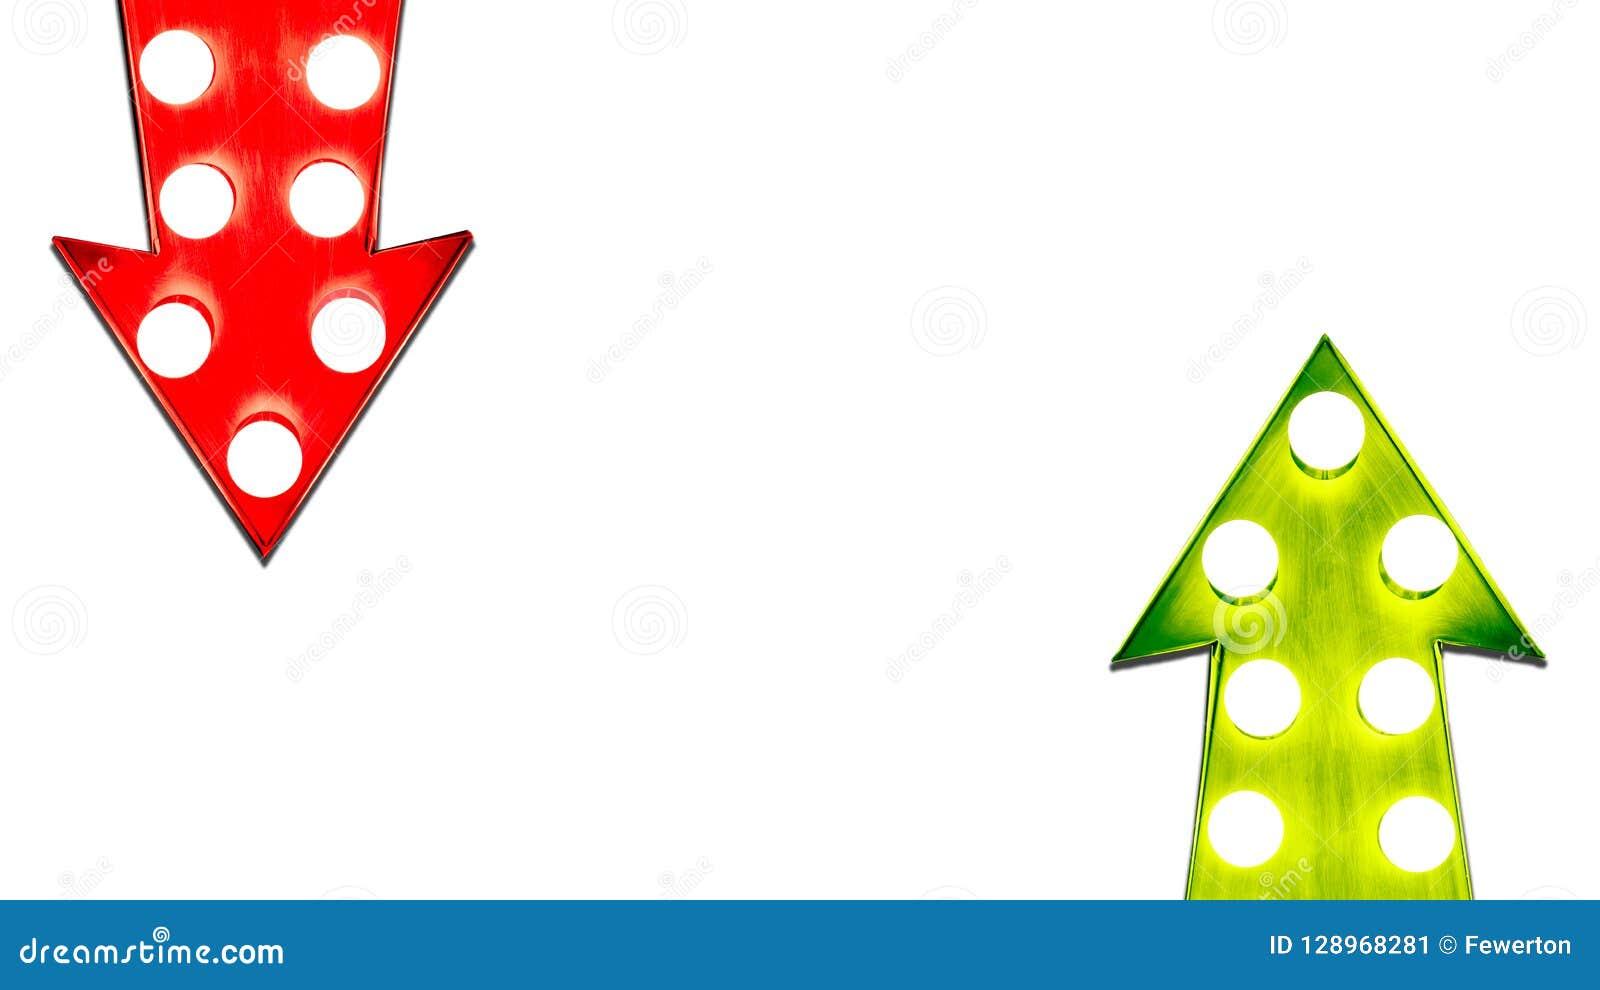 Röda för- och nackdelar och den gröna vänstra rätten upp ner retro metallpilar för tappning exponerade ljusa kulor